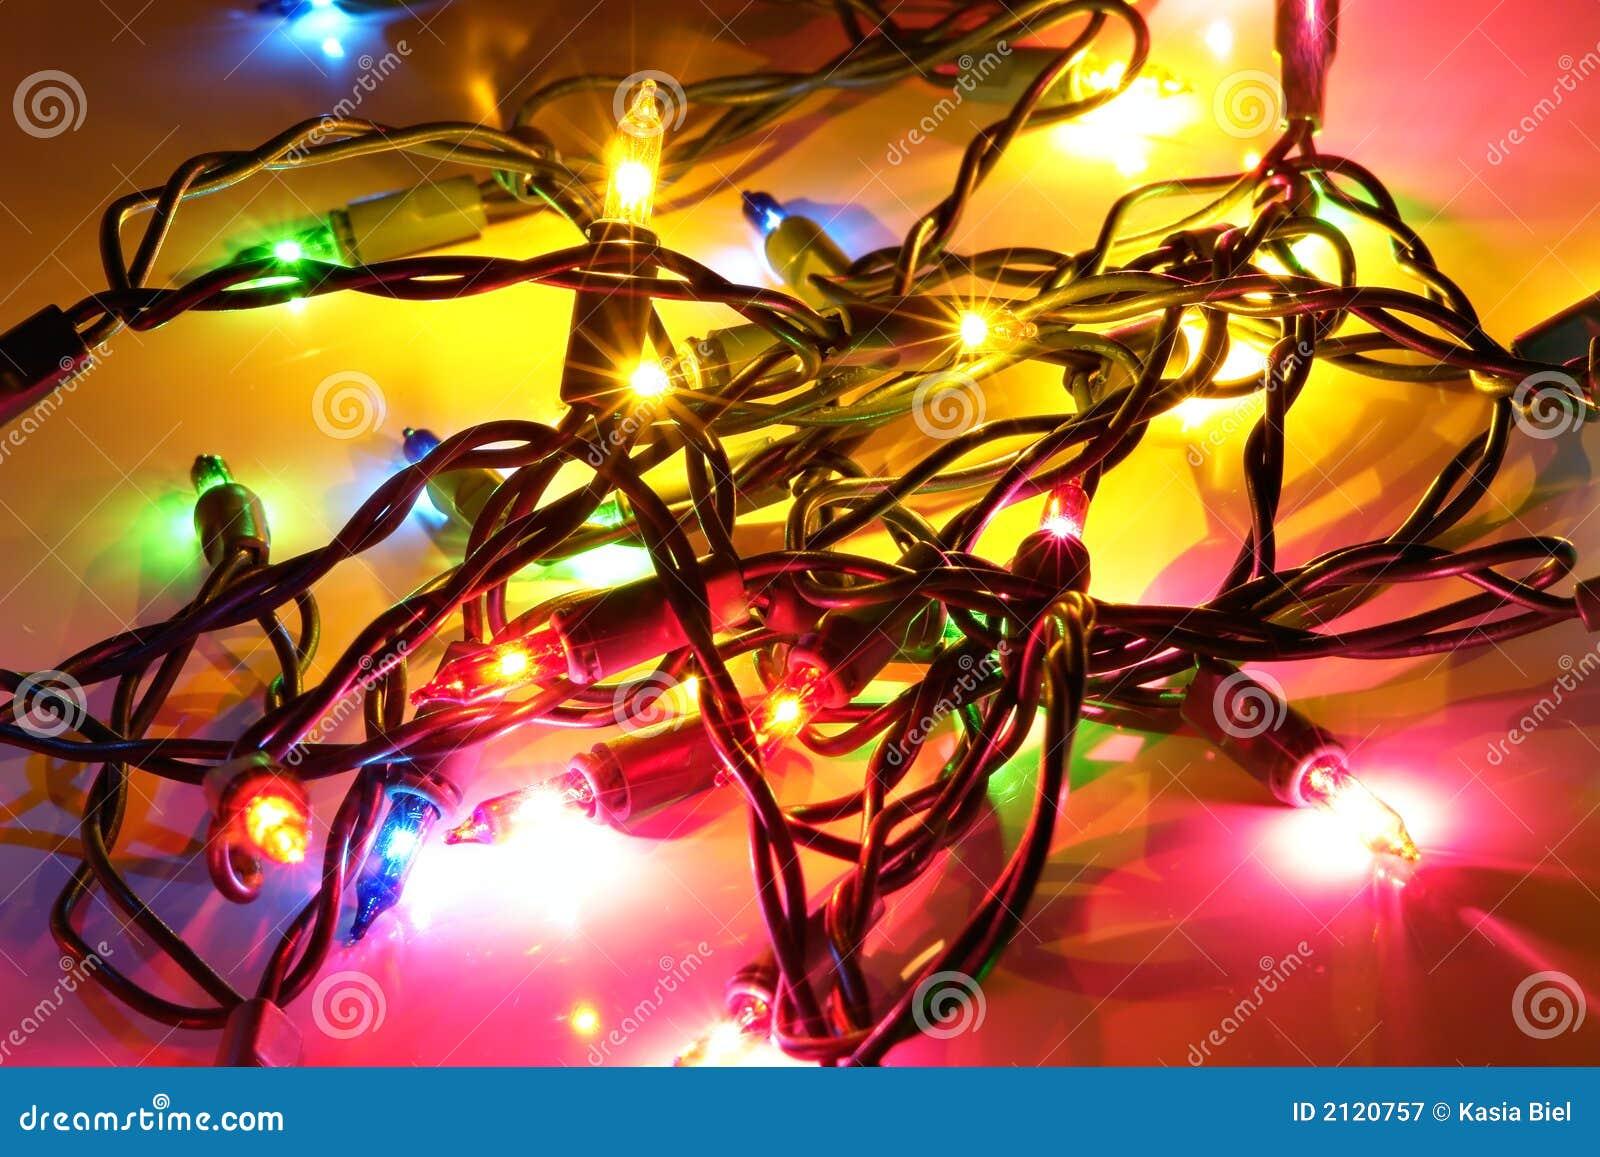 Luces del rbol de navidad fotograf a de archivo libre de - Luces arbol de navidad ...